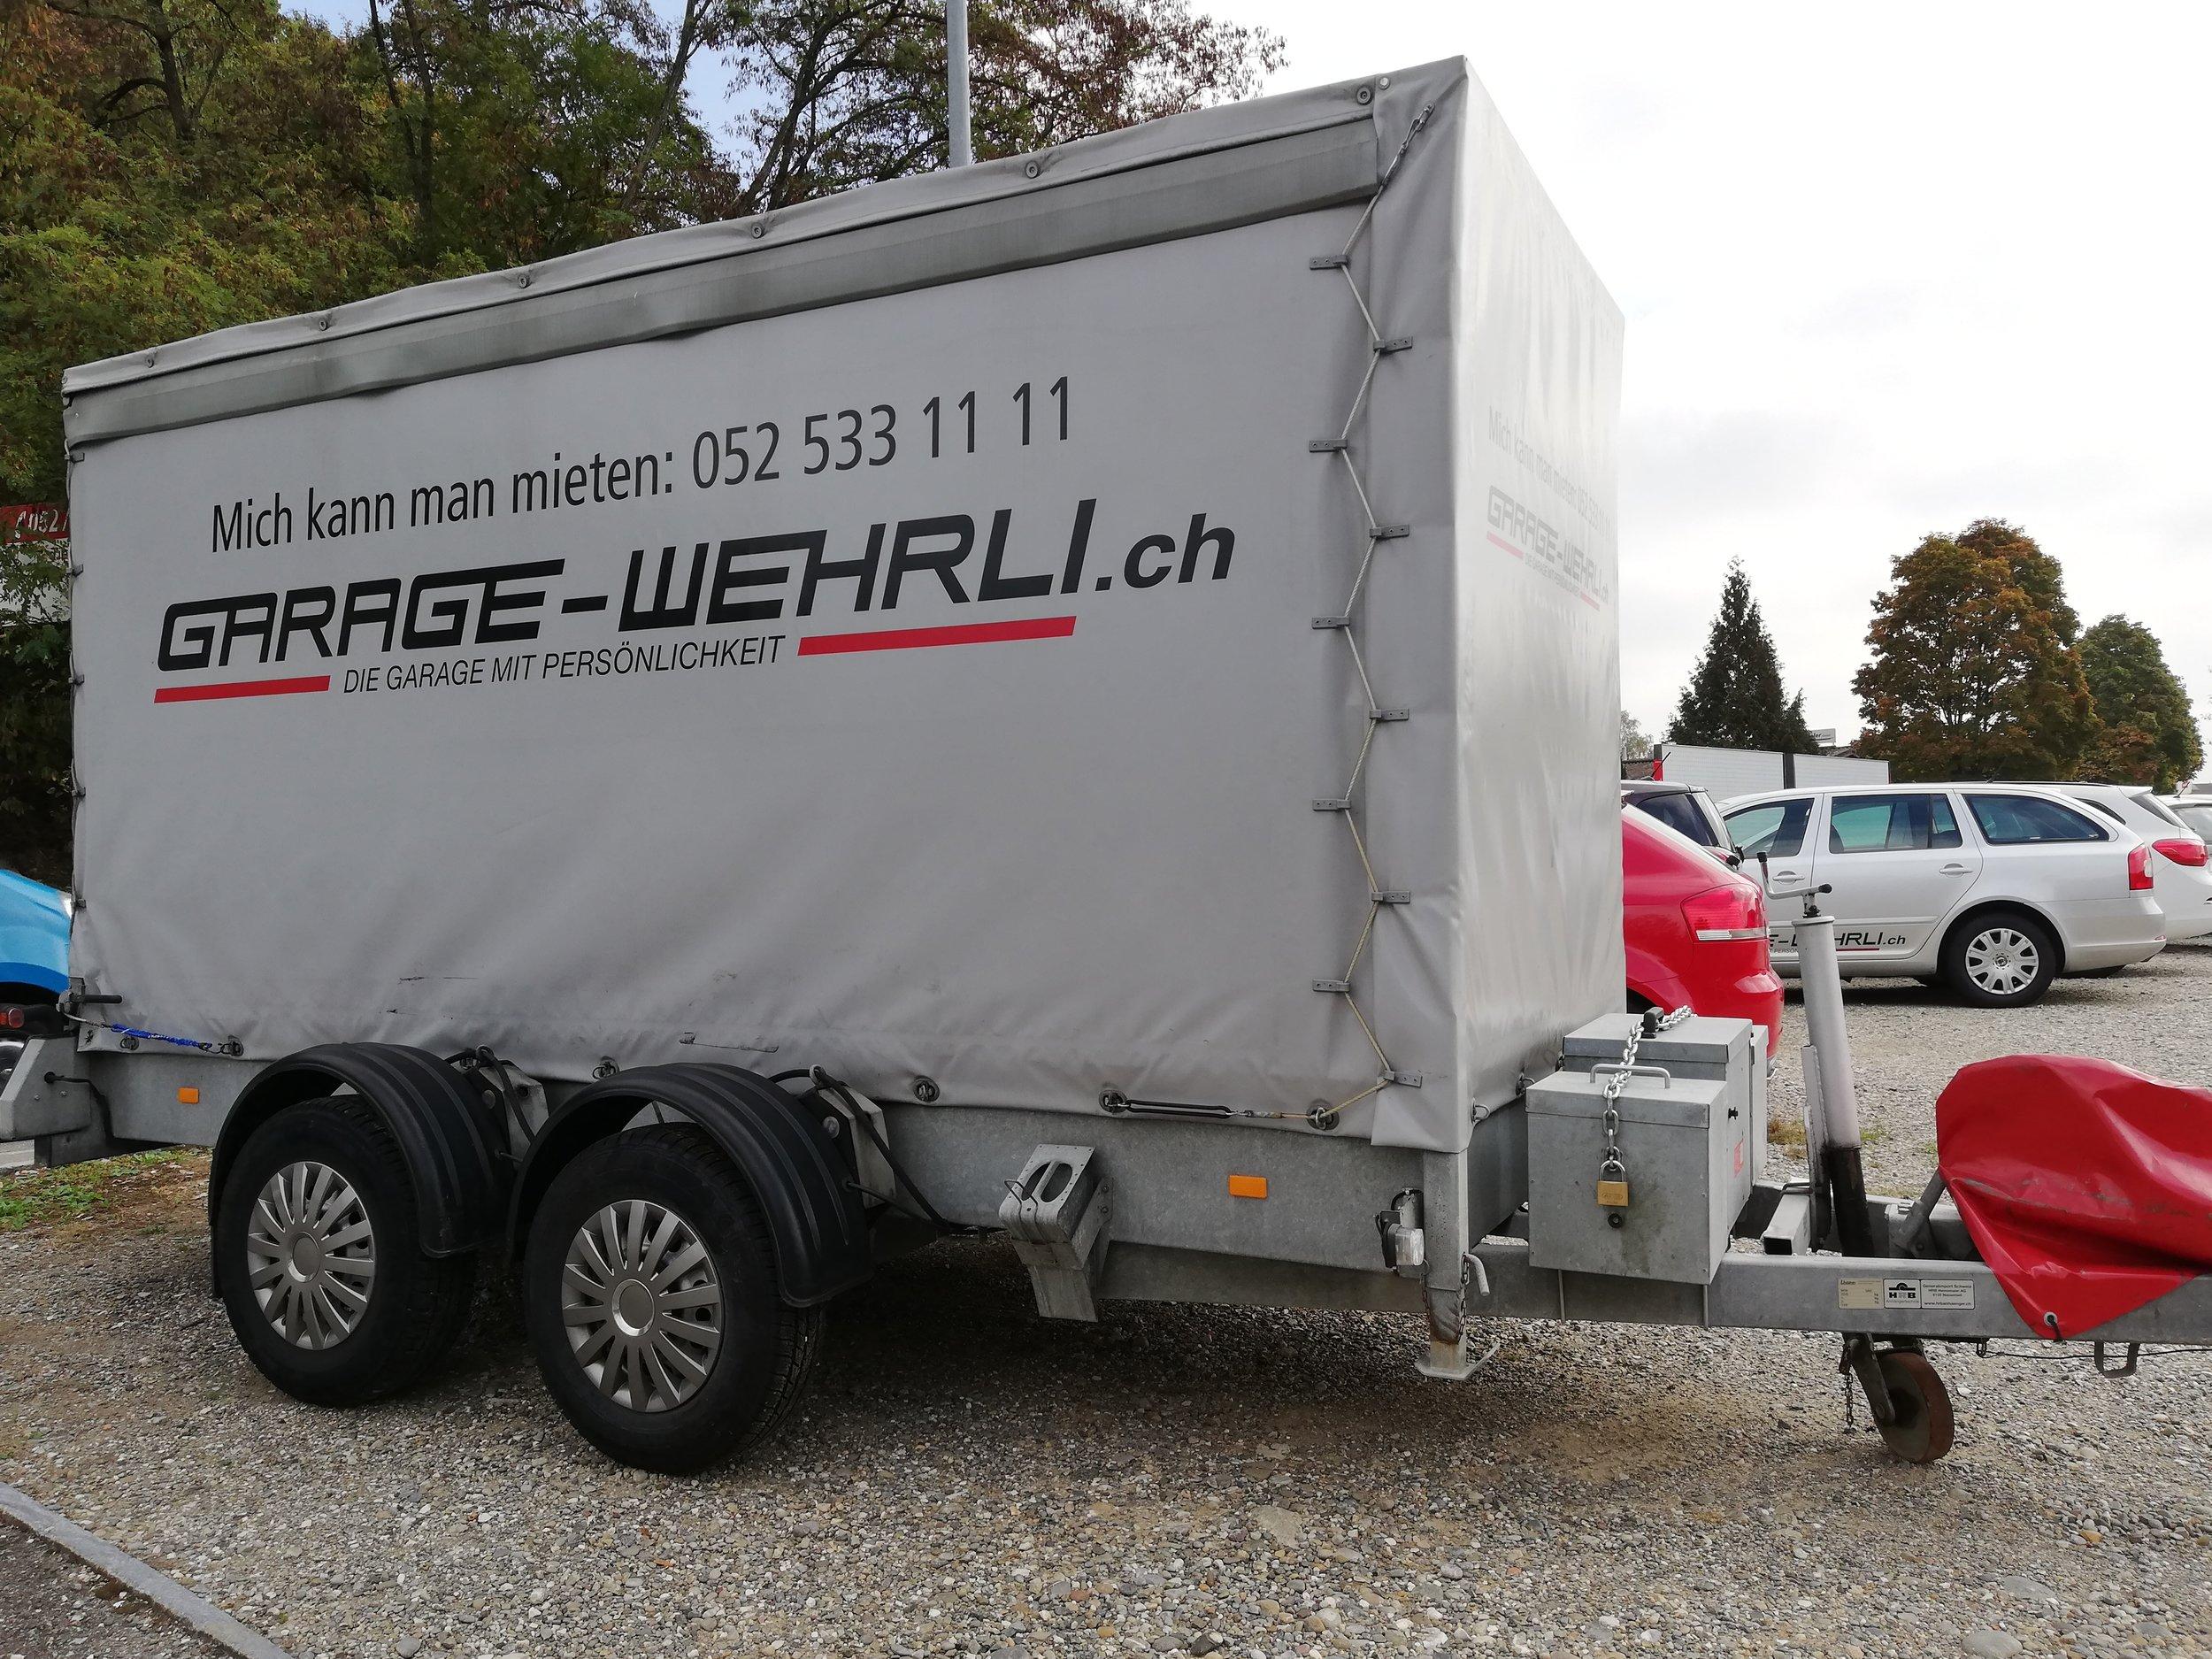 Anhänger gross 3.5t   -  ideal für Umzüge und Transport von grossen Gütern  -  Blachenanhänger  -  hydraulisch auf Boden Absenkbar  -  Leergewicht: ca. 800 kg, Zuladung: ca. 2700 kg  Fr. 90.- pro Tag